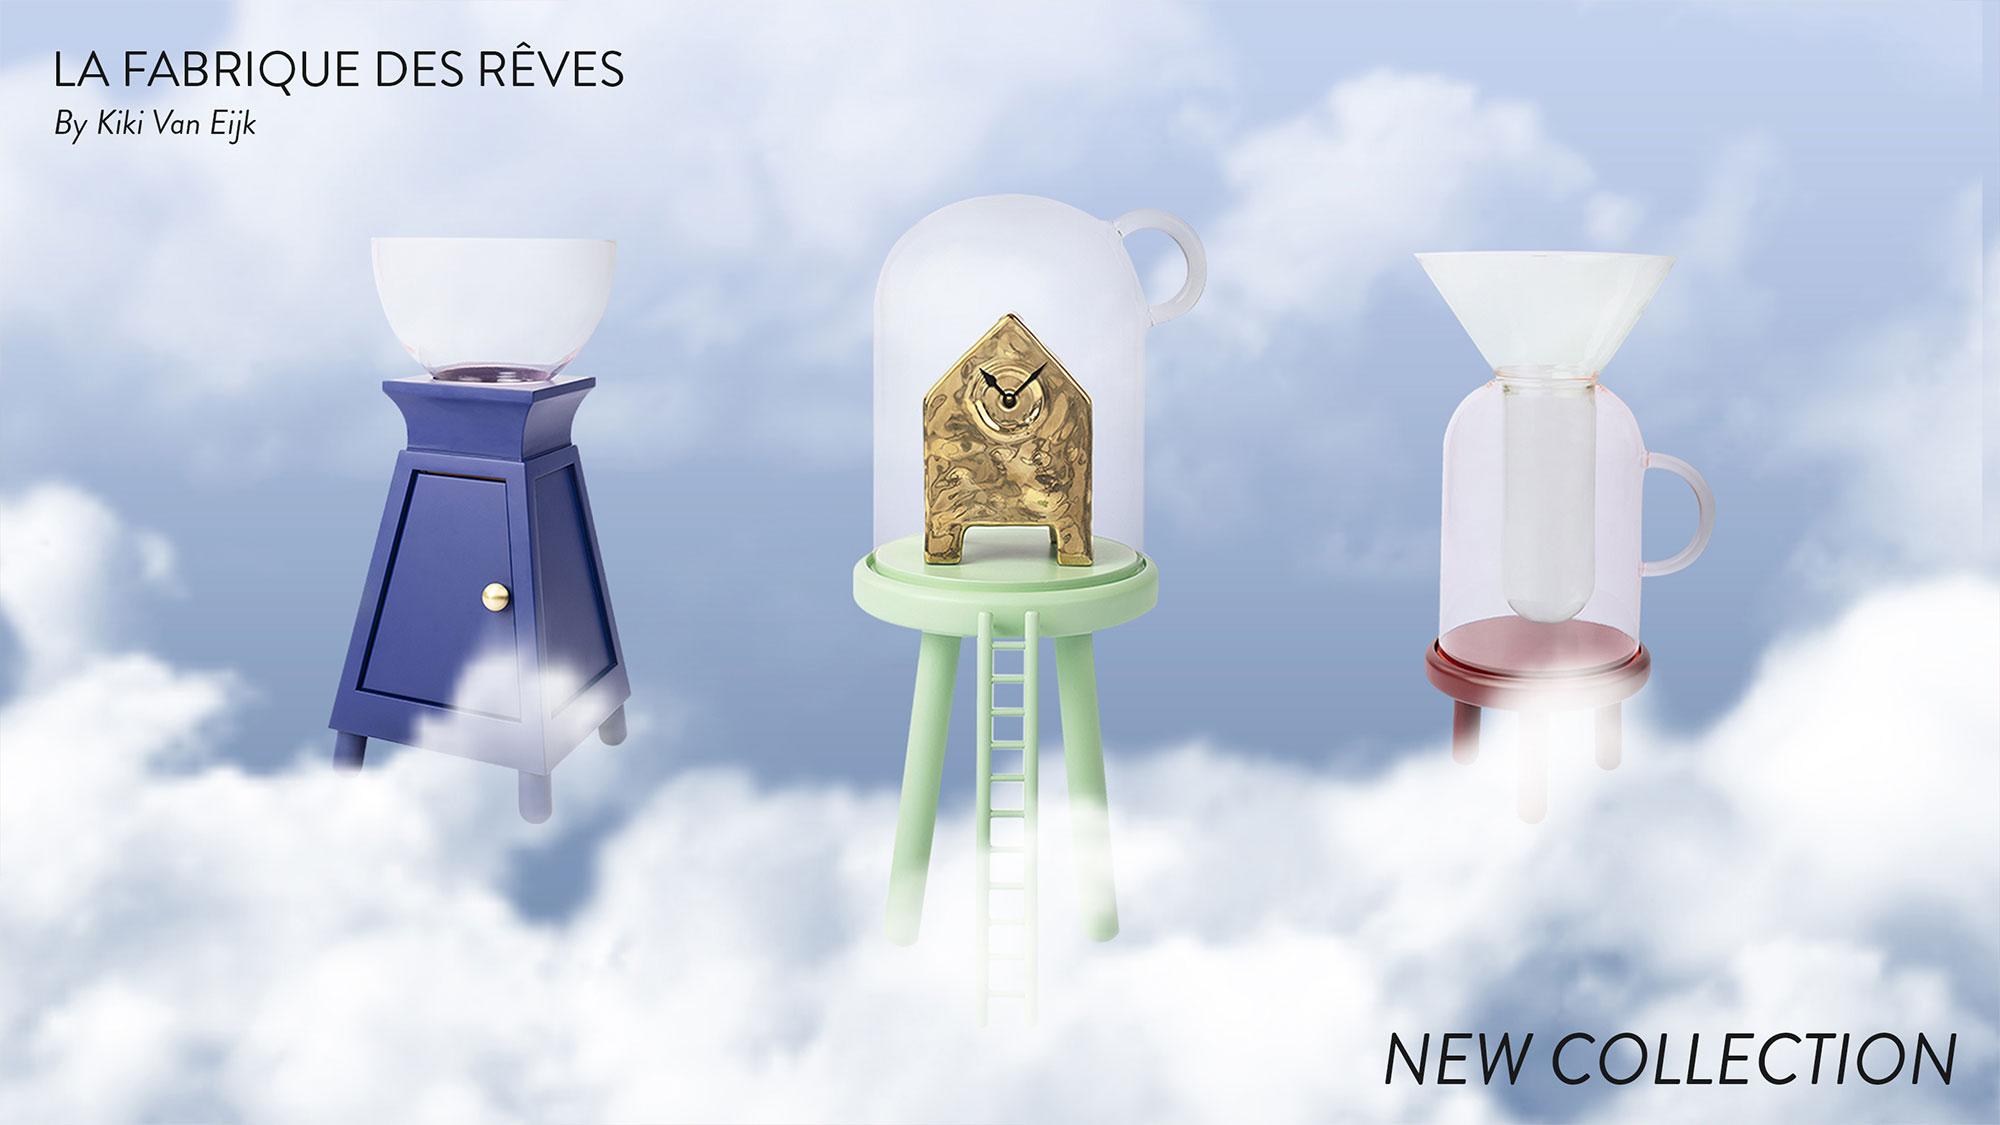 3-banner-maison-dada-accesories-vases-clock-kiki-van-eijk-new-collection-2000px